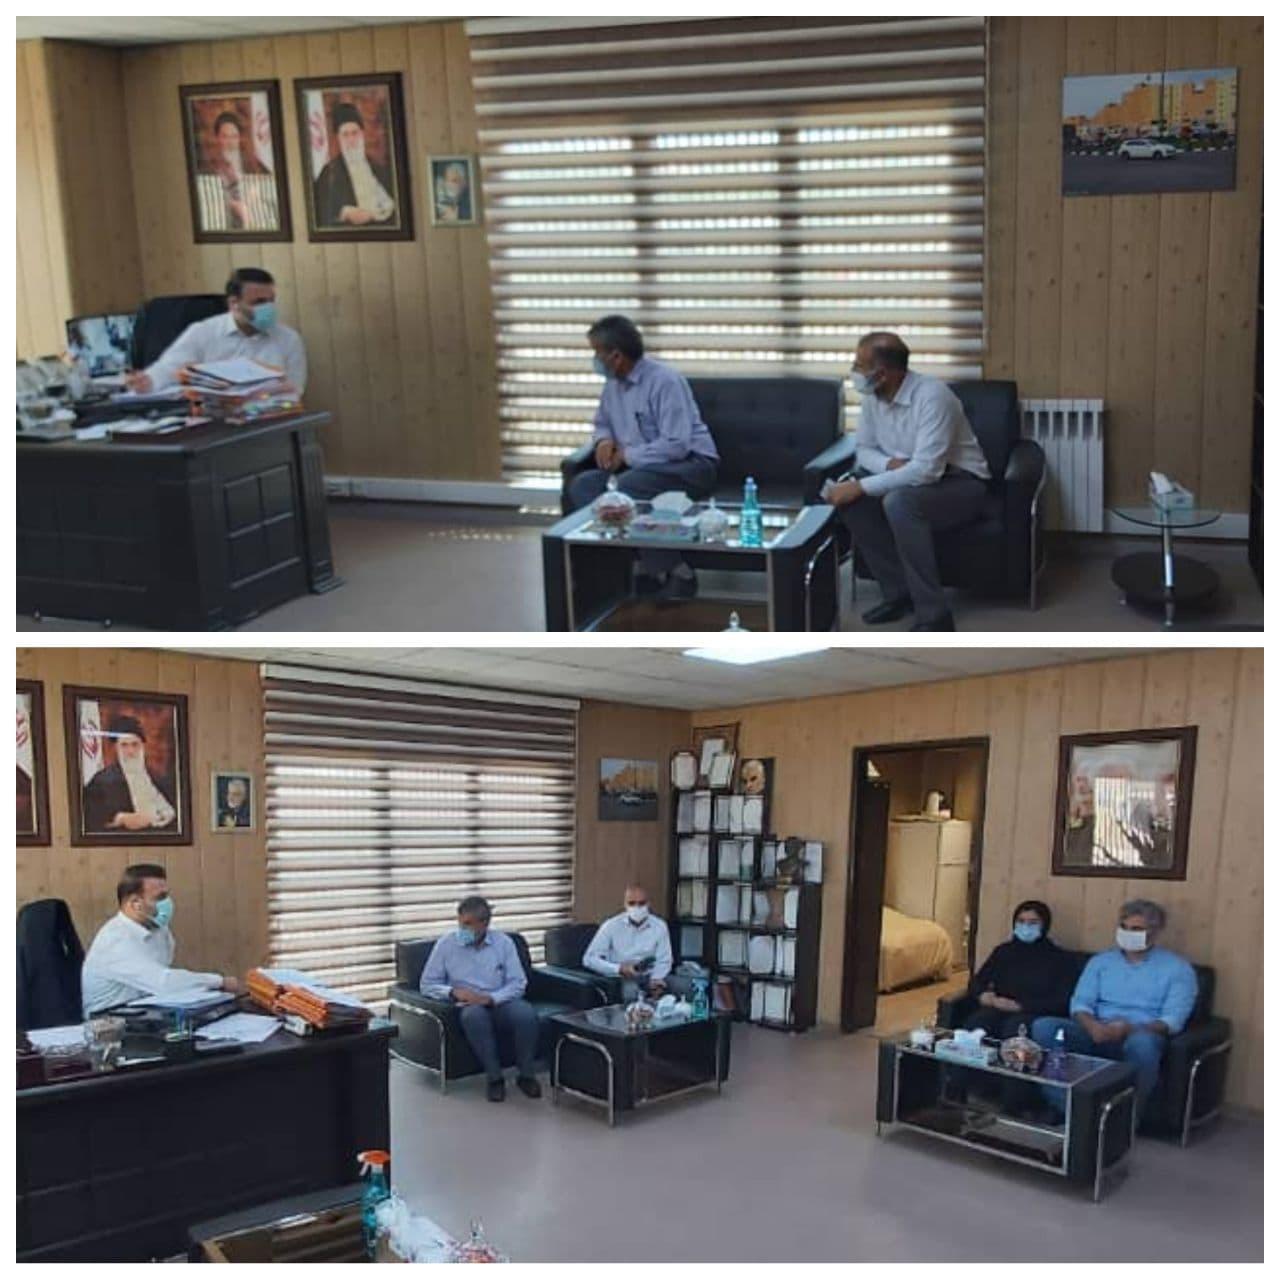 جلسه ملاقات عمومی شهردار پرند با شهروندان برگزار شد